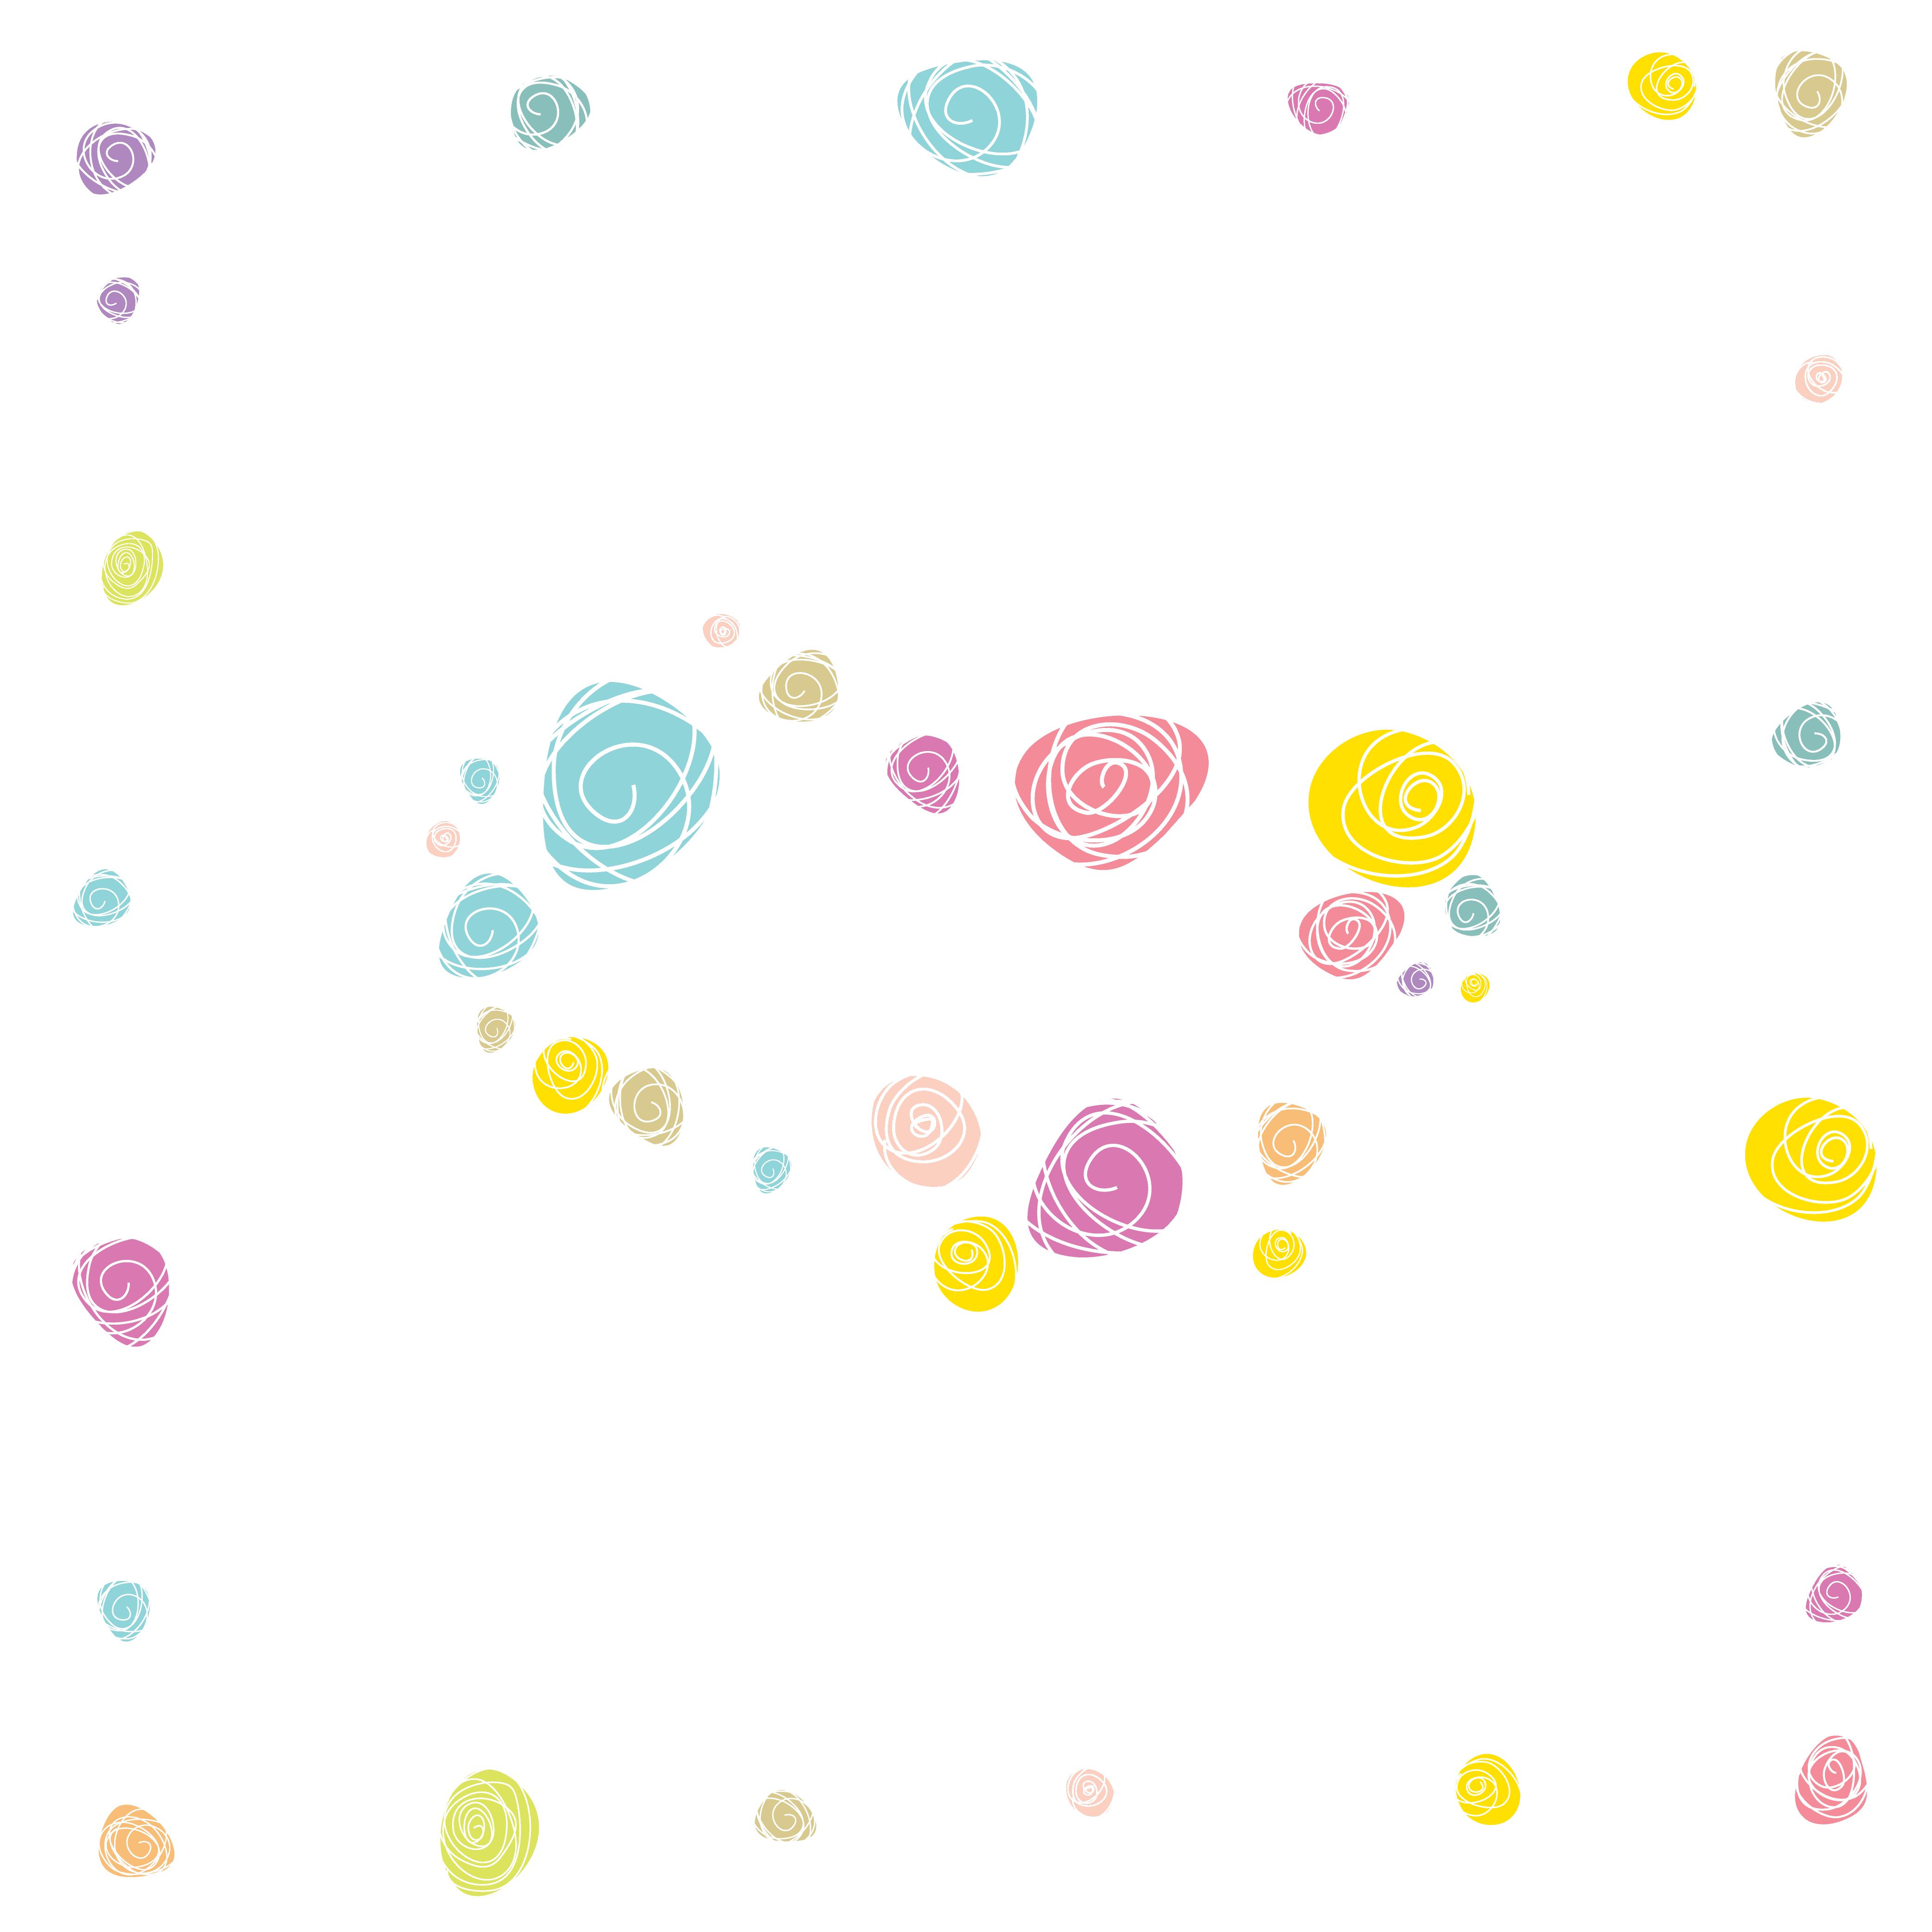 壁紙・背景イラスト/花のフレーム・外枠 no.191『カラフル・シンプル